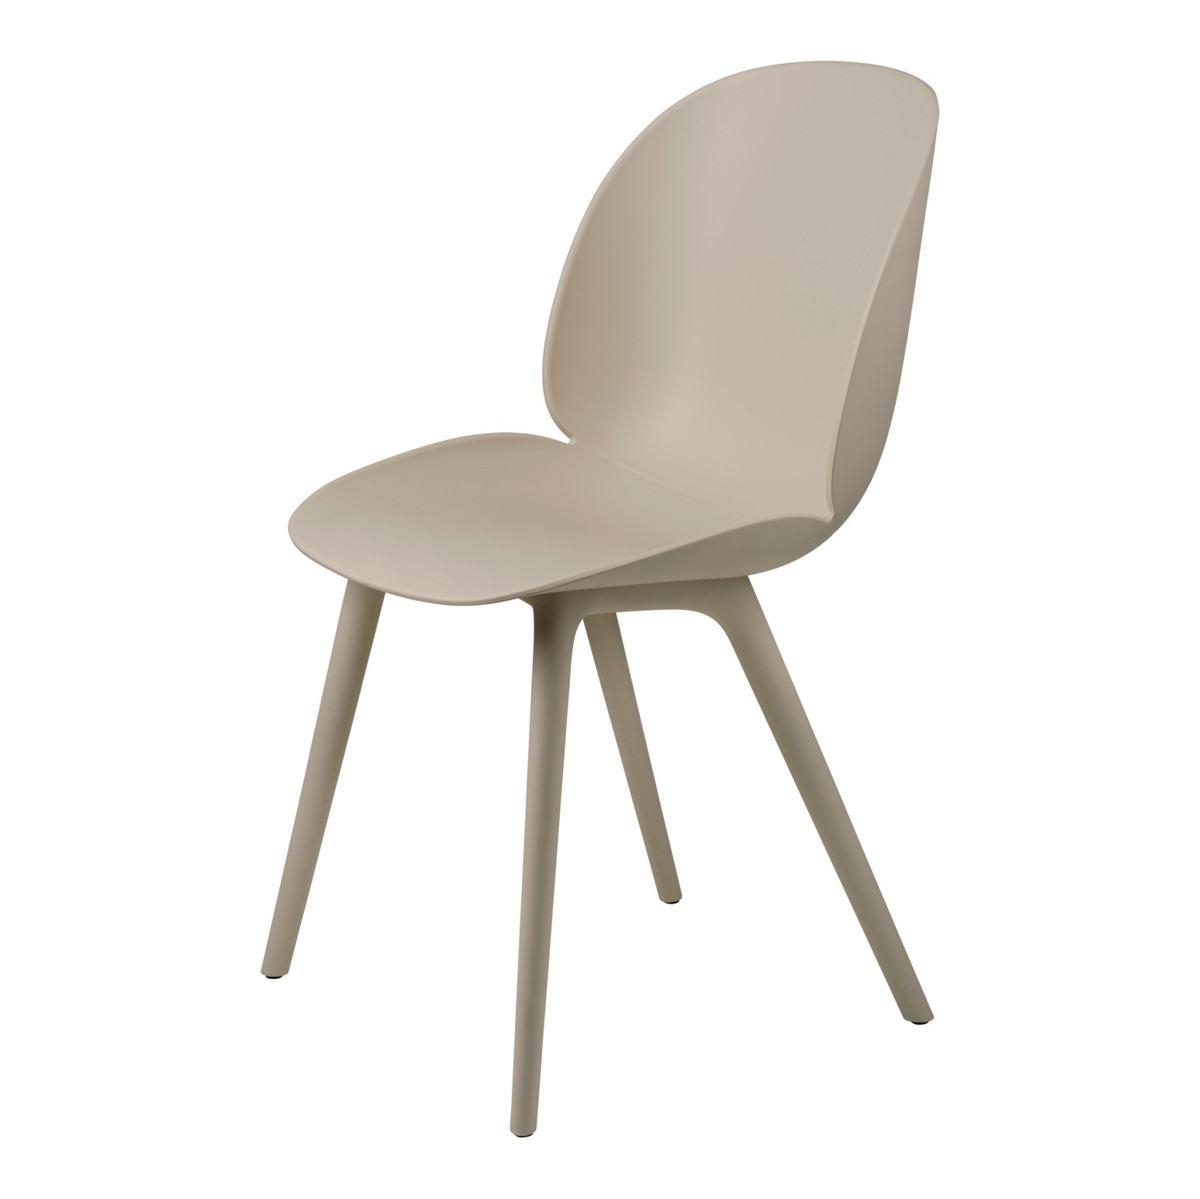 Gubi Beetle Chair - Outdoor